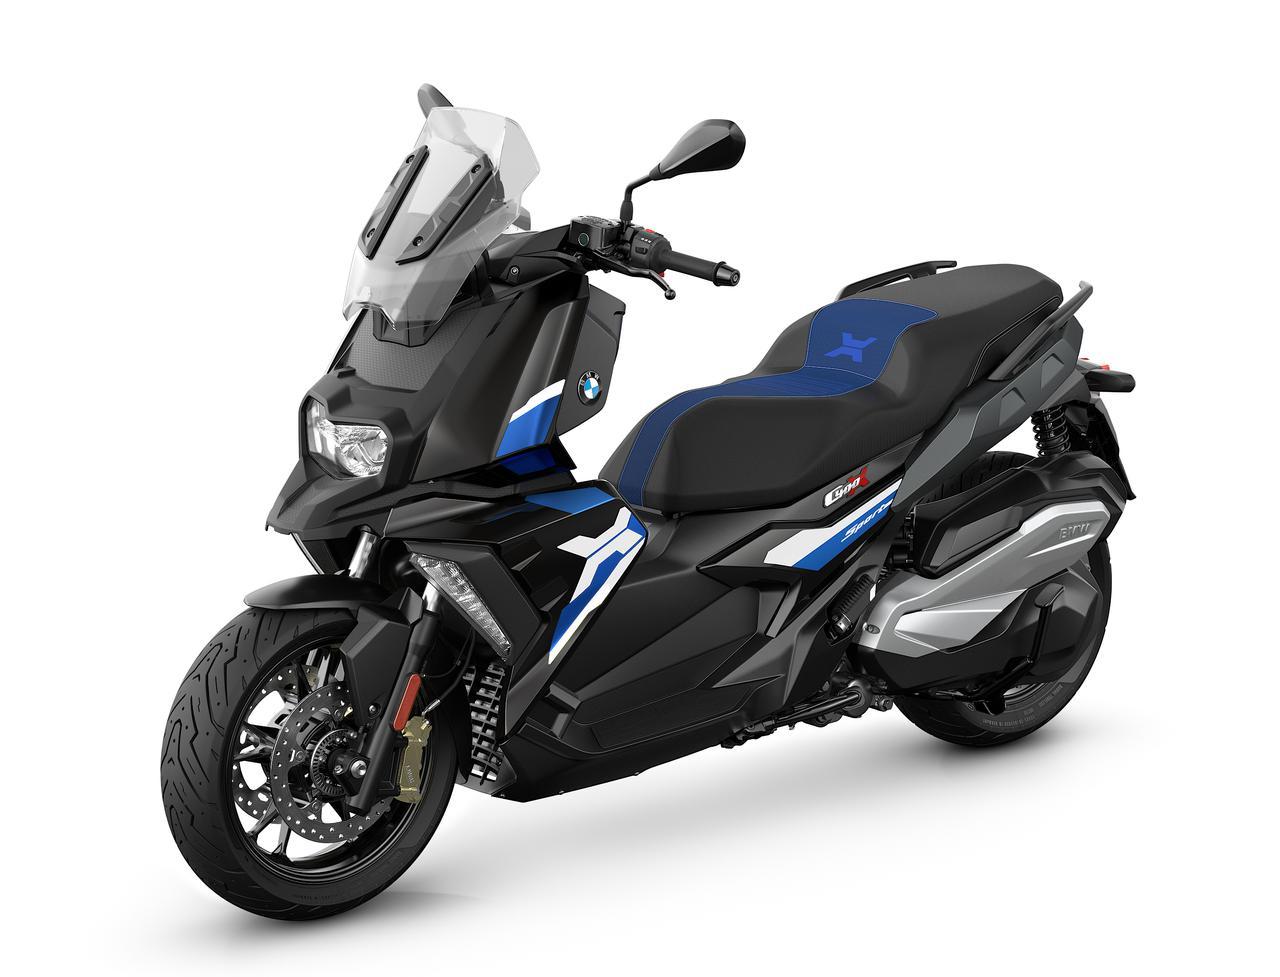 画像: BMW C 400 X 2021年モデル 総排気量:350cc エンジン形式:水冷4ストOHC4バルブ単気筒 シート高:775mm 車両重量:206kg 発売日:2021年7月16日(金) 税込価格:87万円~